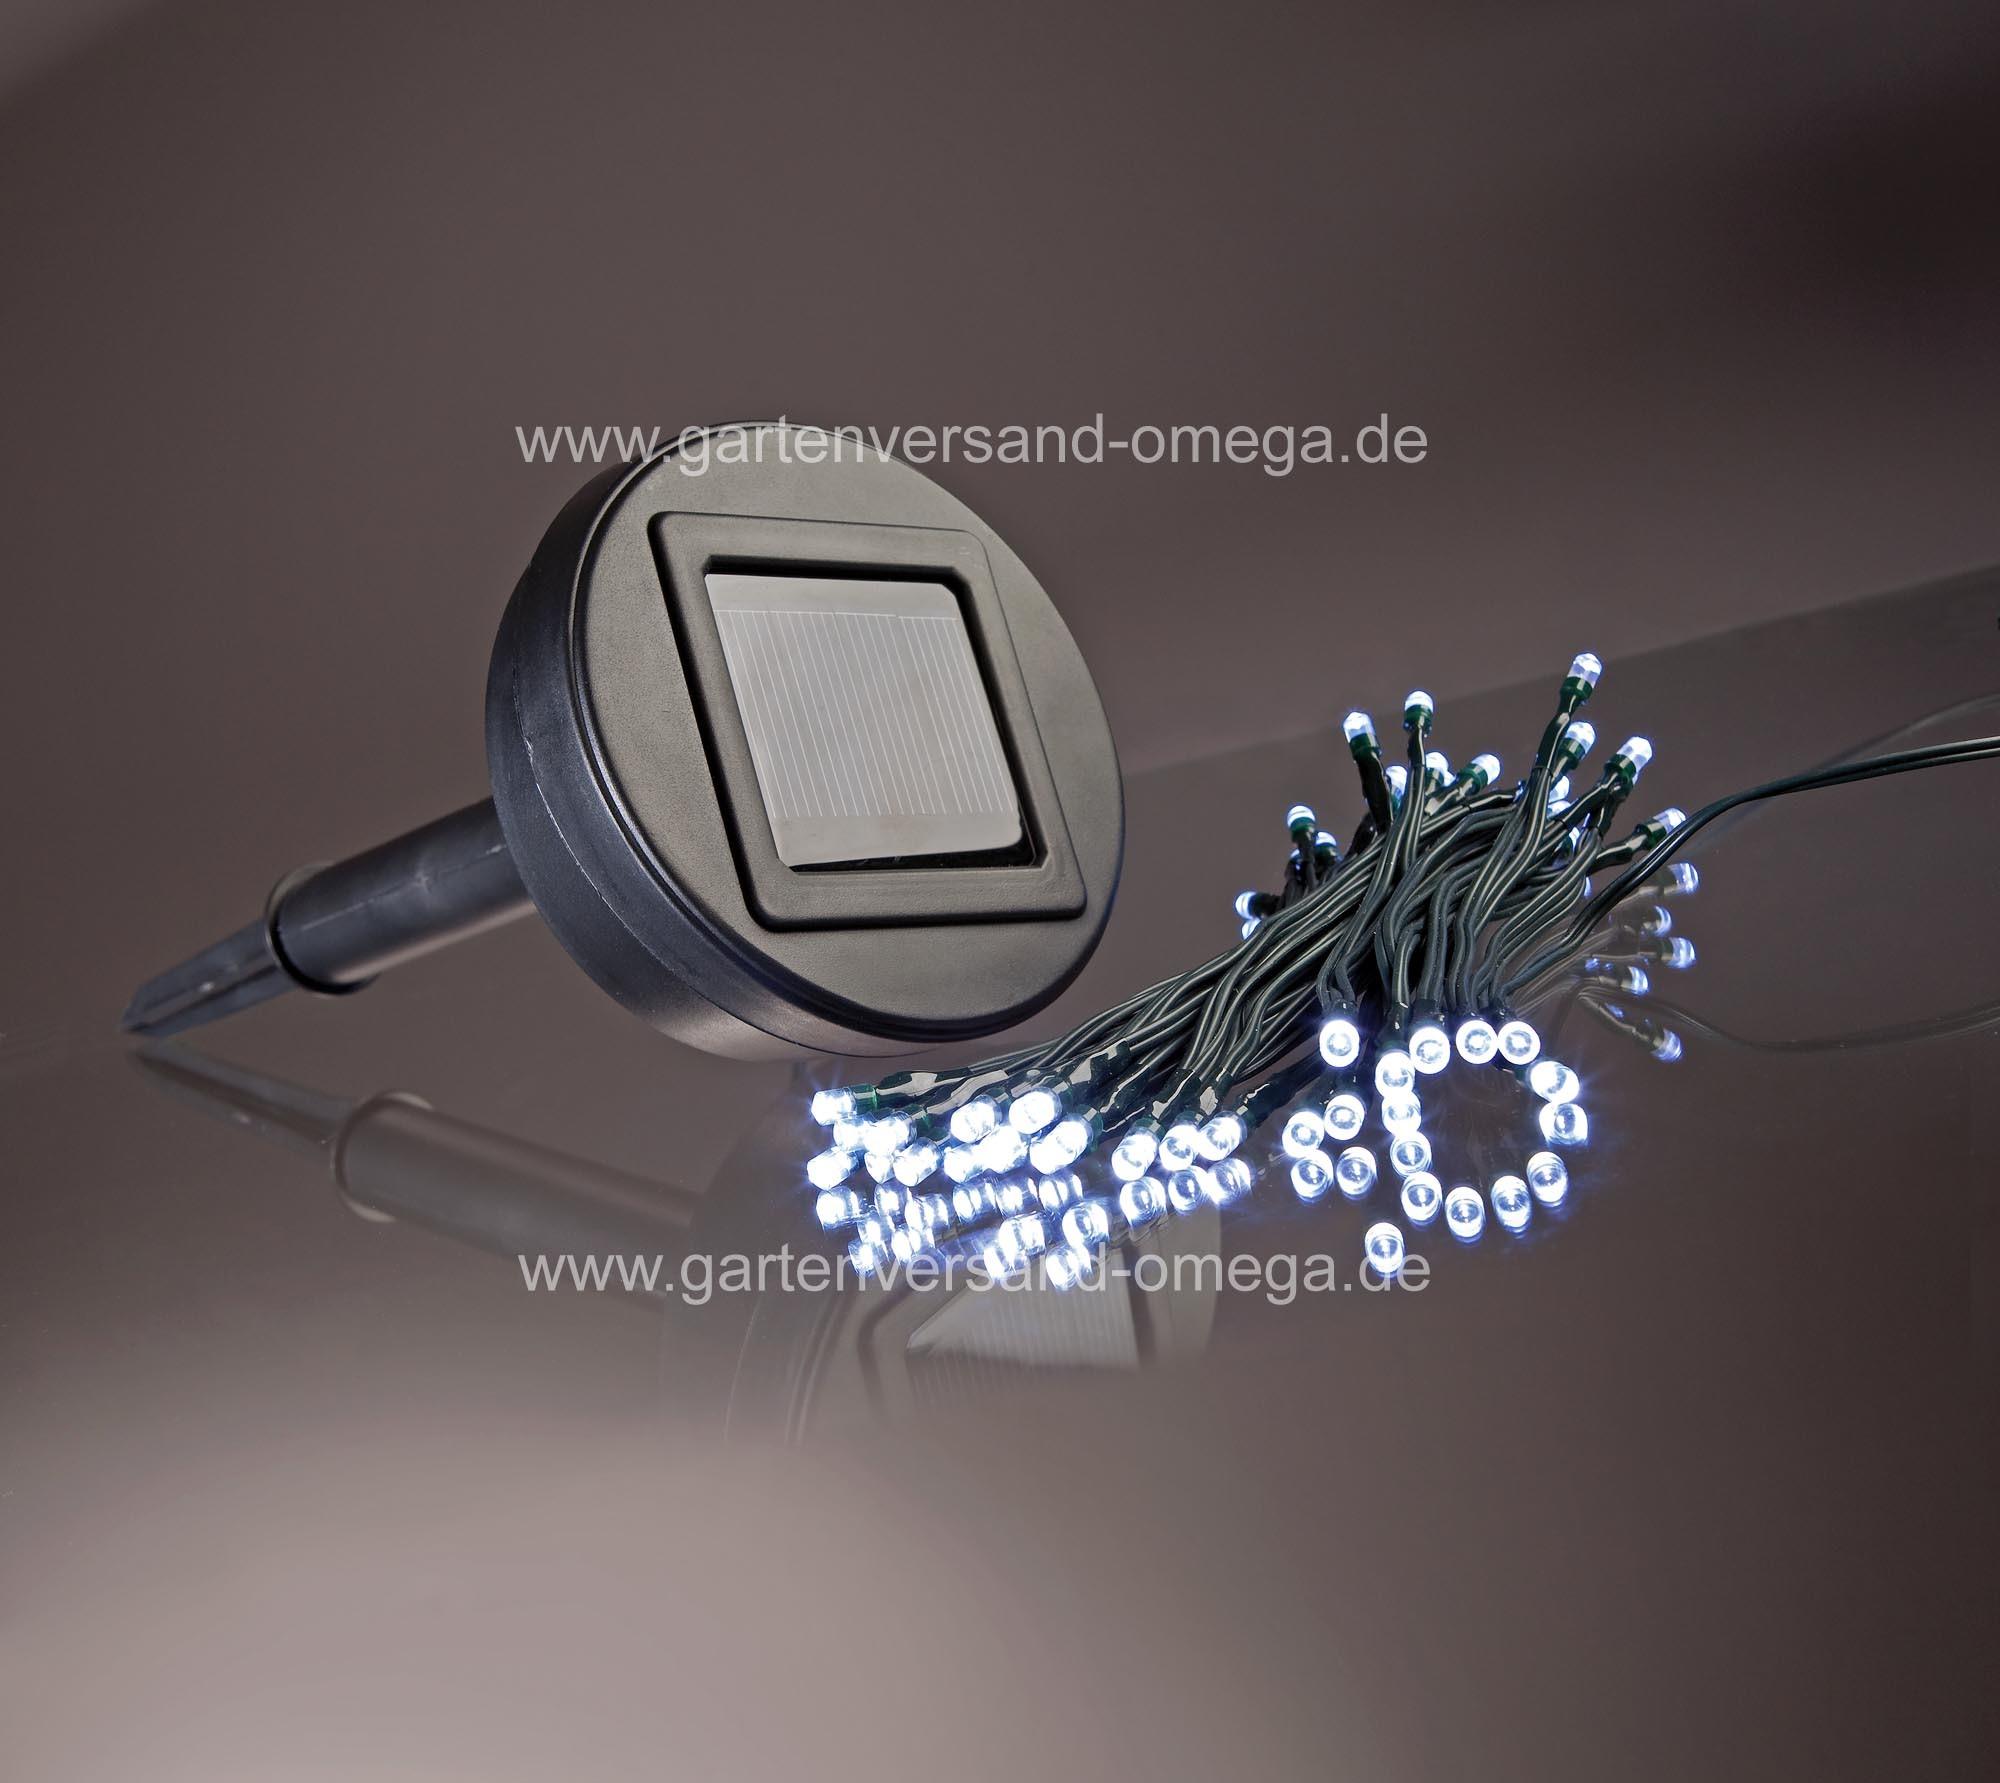 2604031-solar-led-lichterkettehd-large Spannende Led Weihnachtsbaumbeleuchtung Ohne Kabel Dekorationen